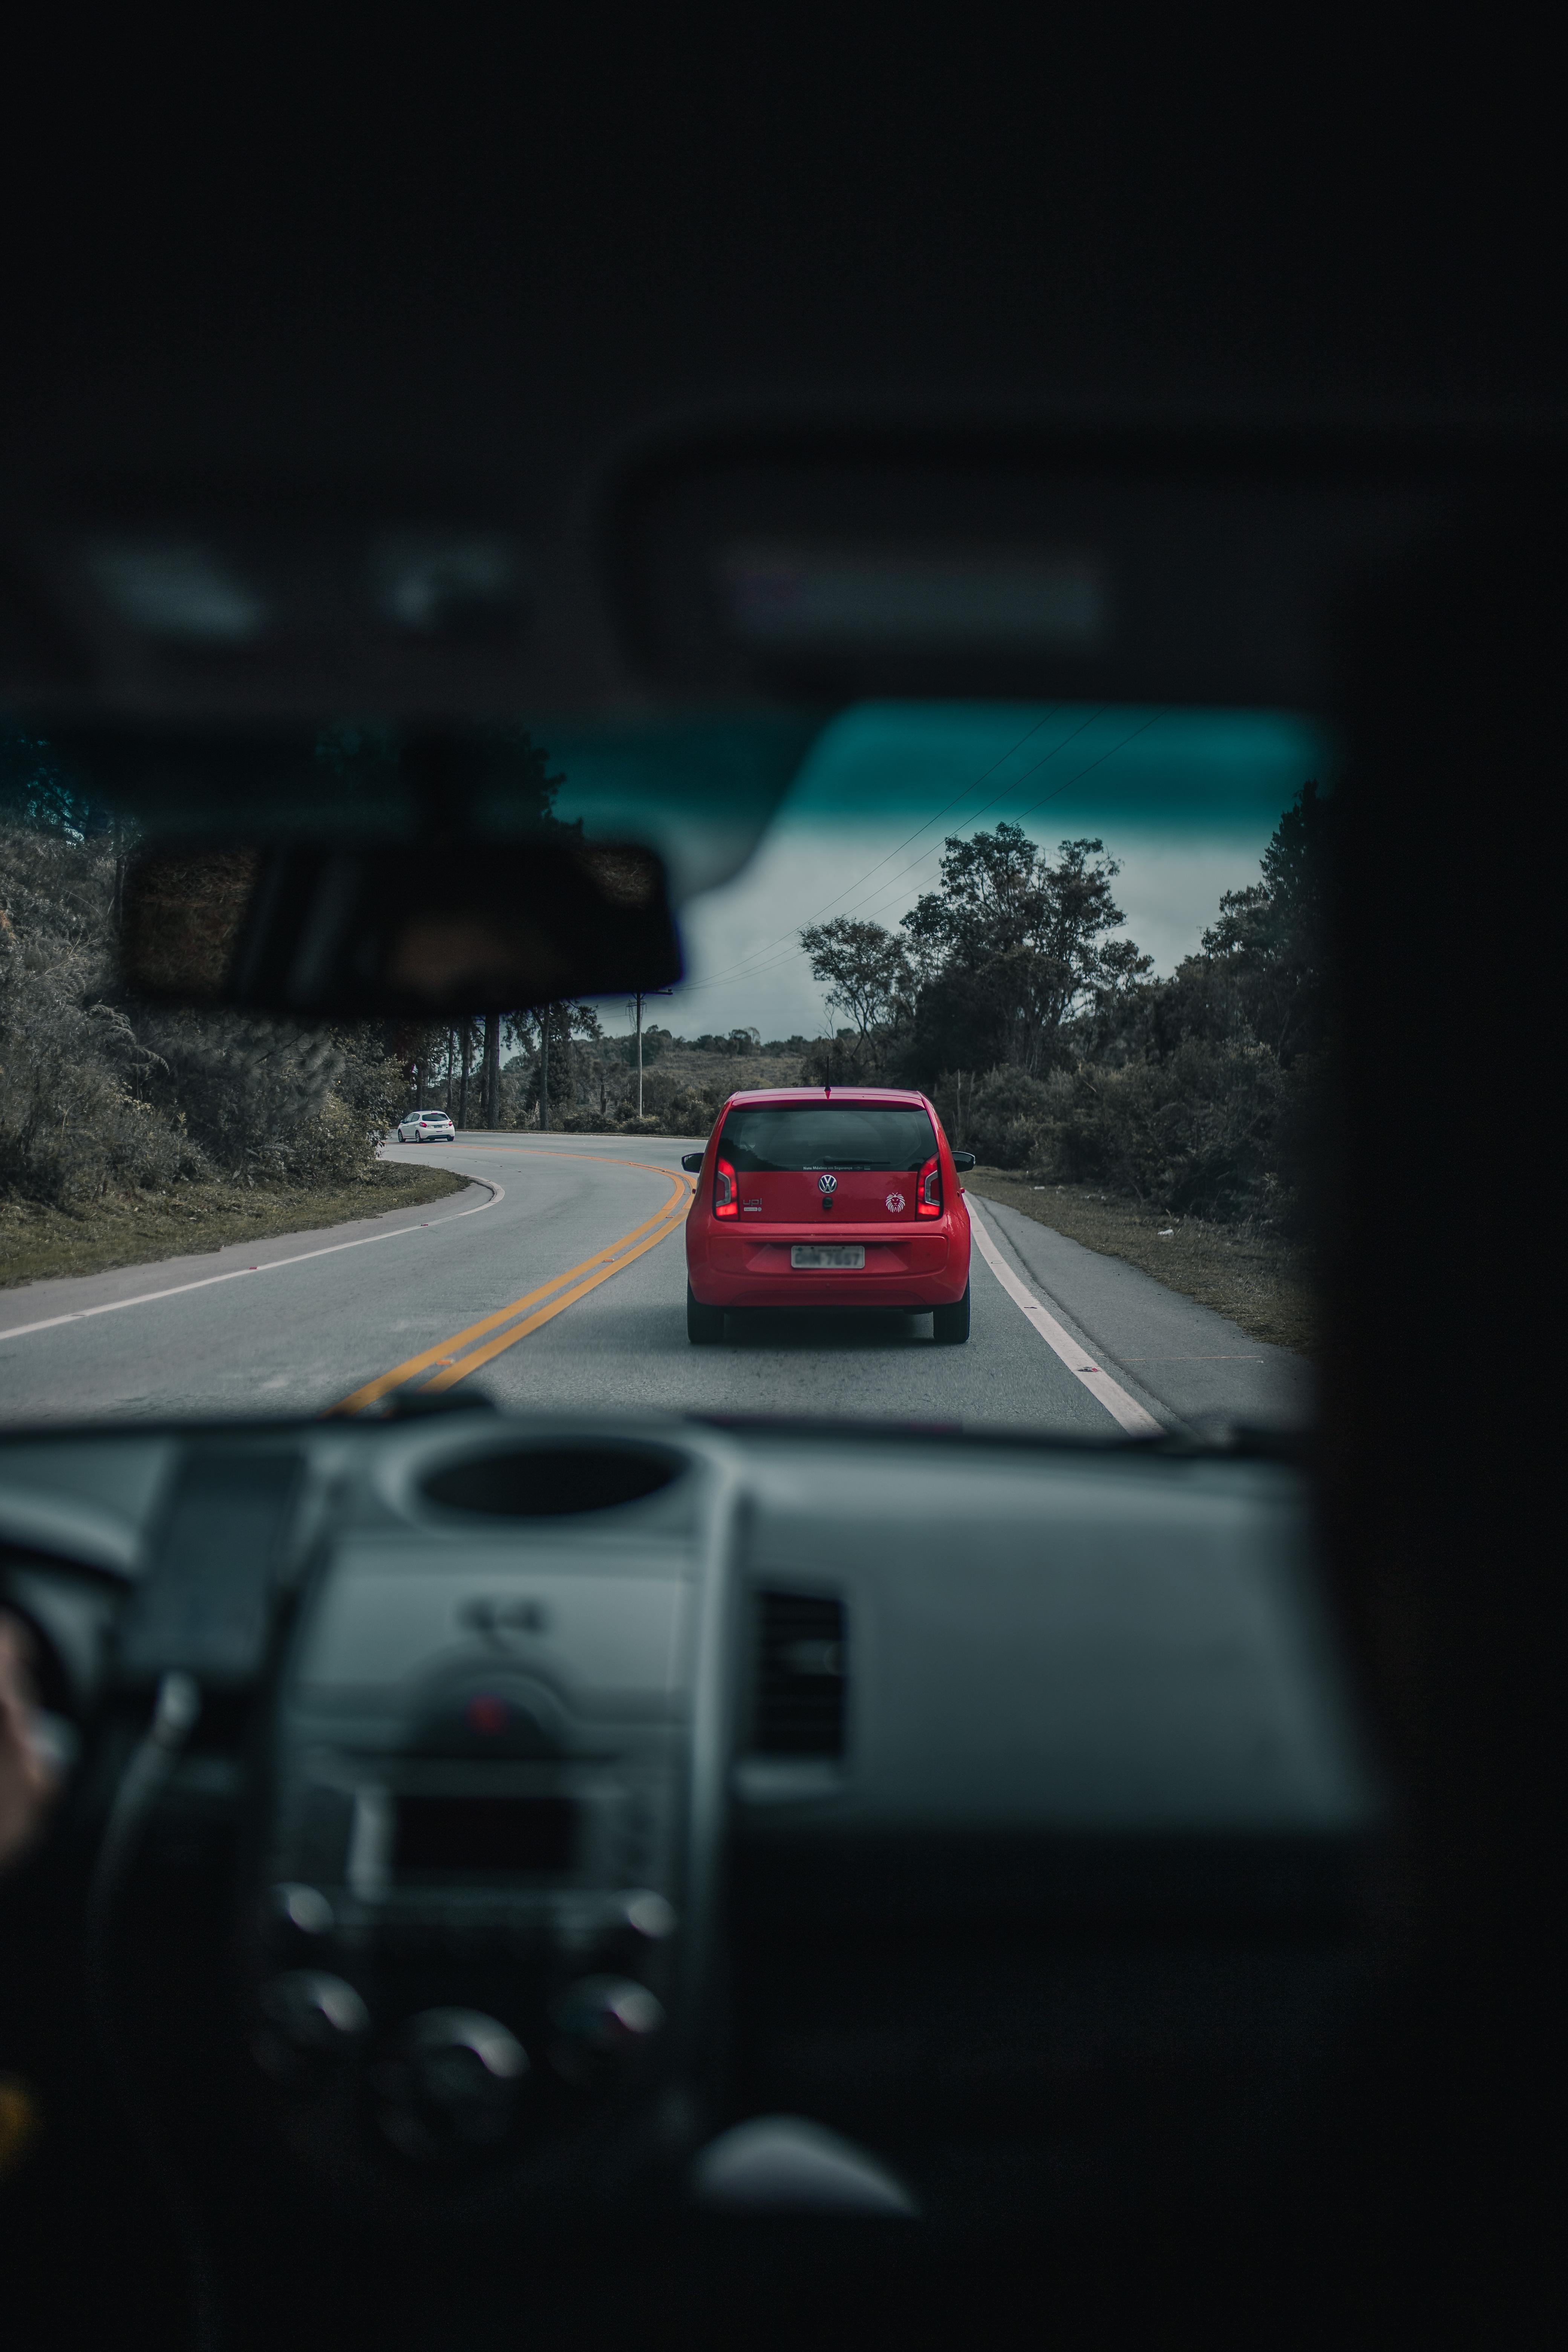 Red Hatchback